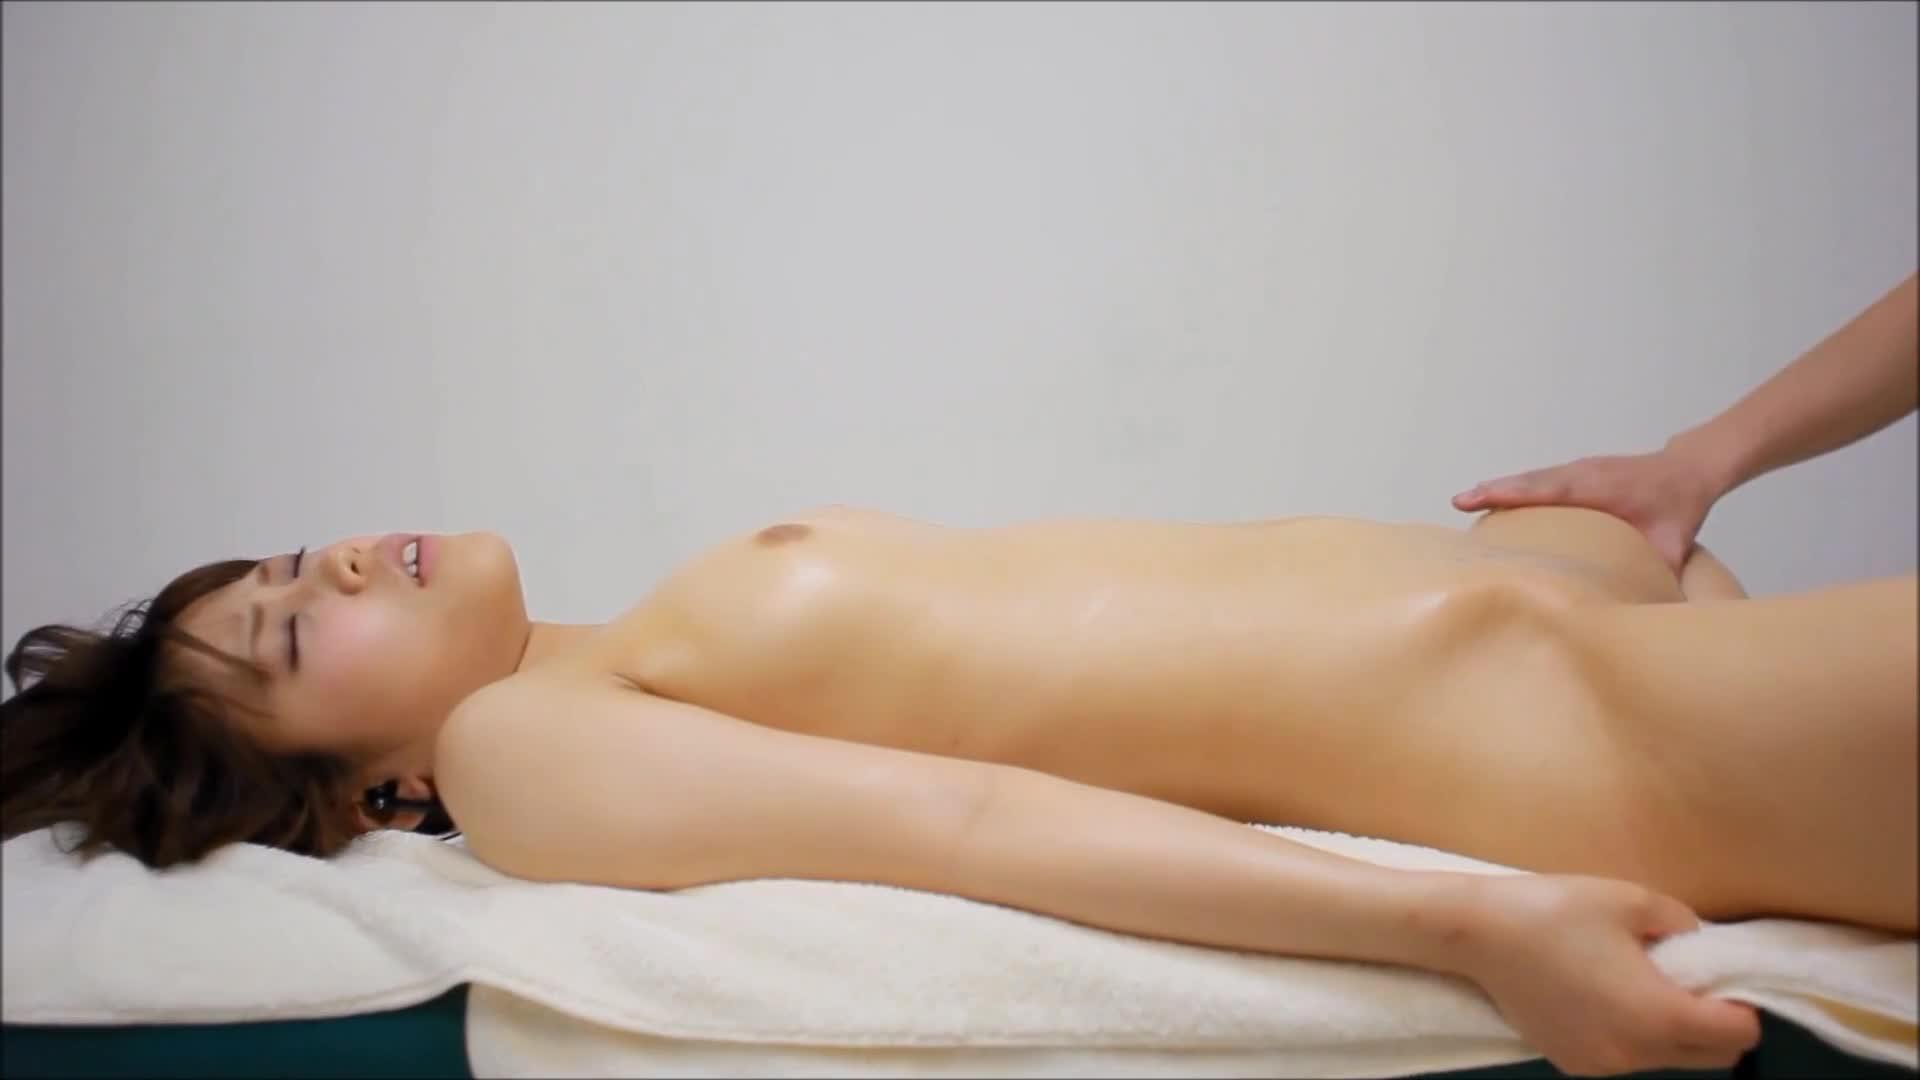 性感オイルマッサージを受け軽く責められるだけでビクンビクン反応する美...